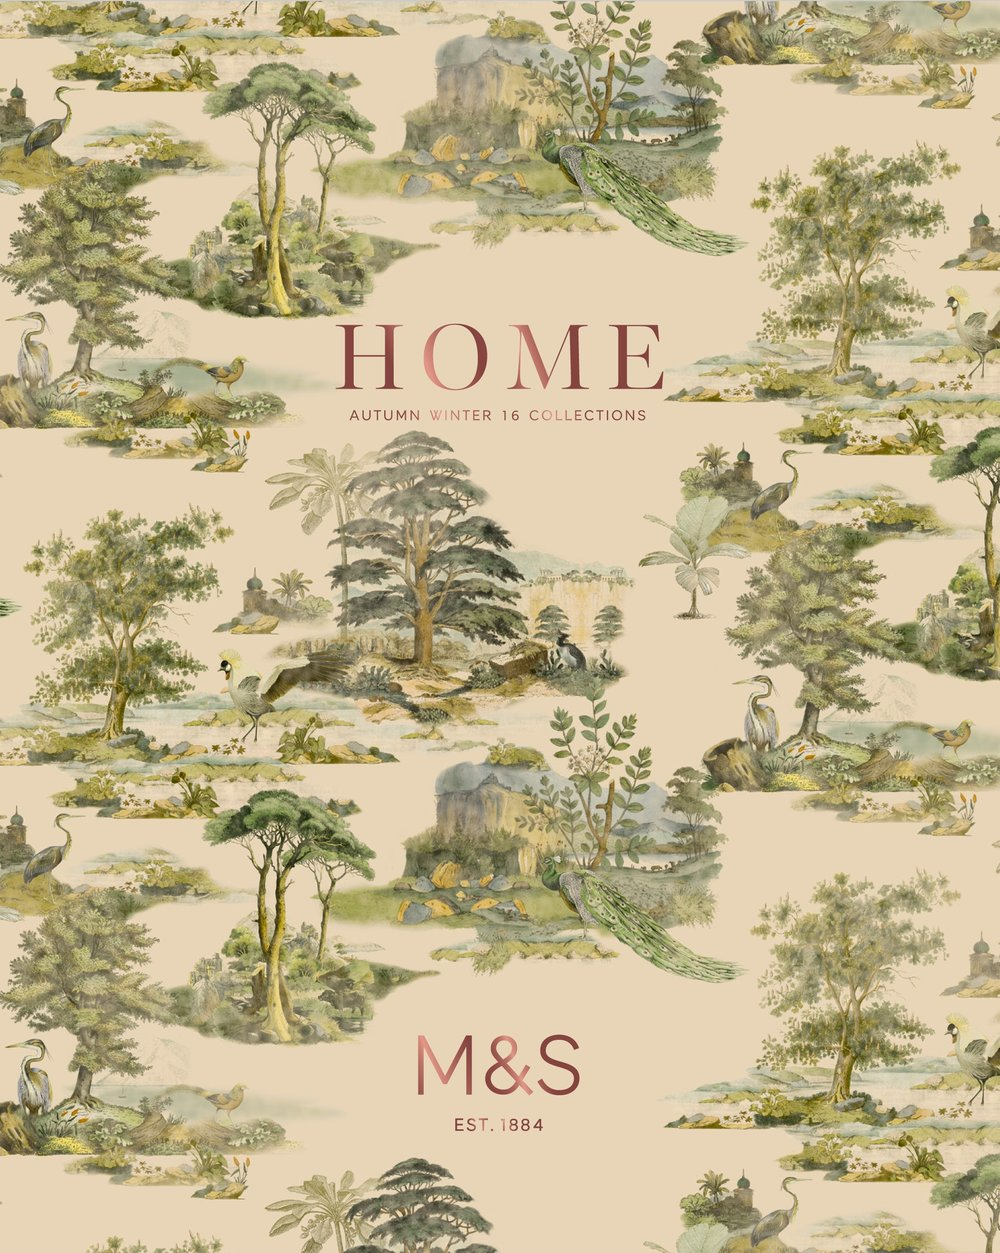 home1.jpg